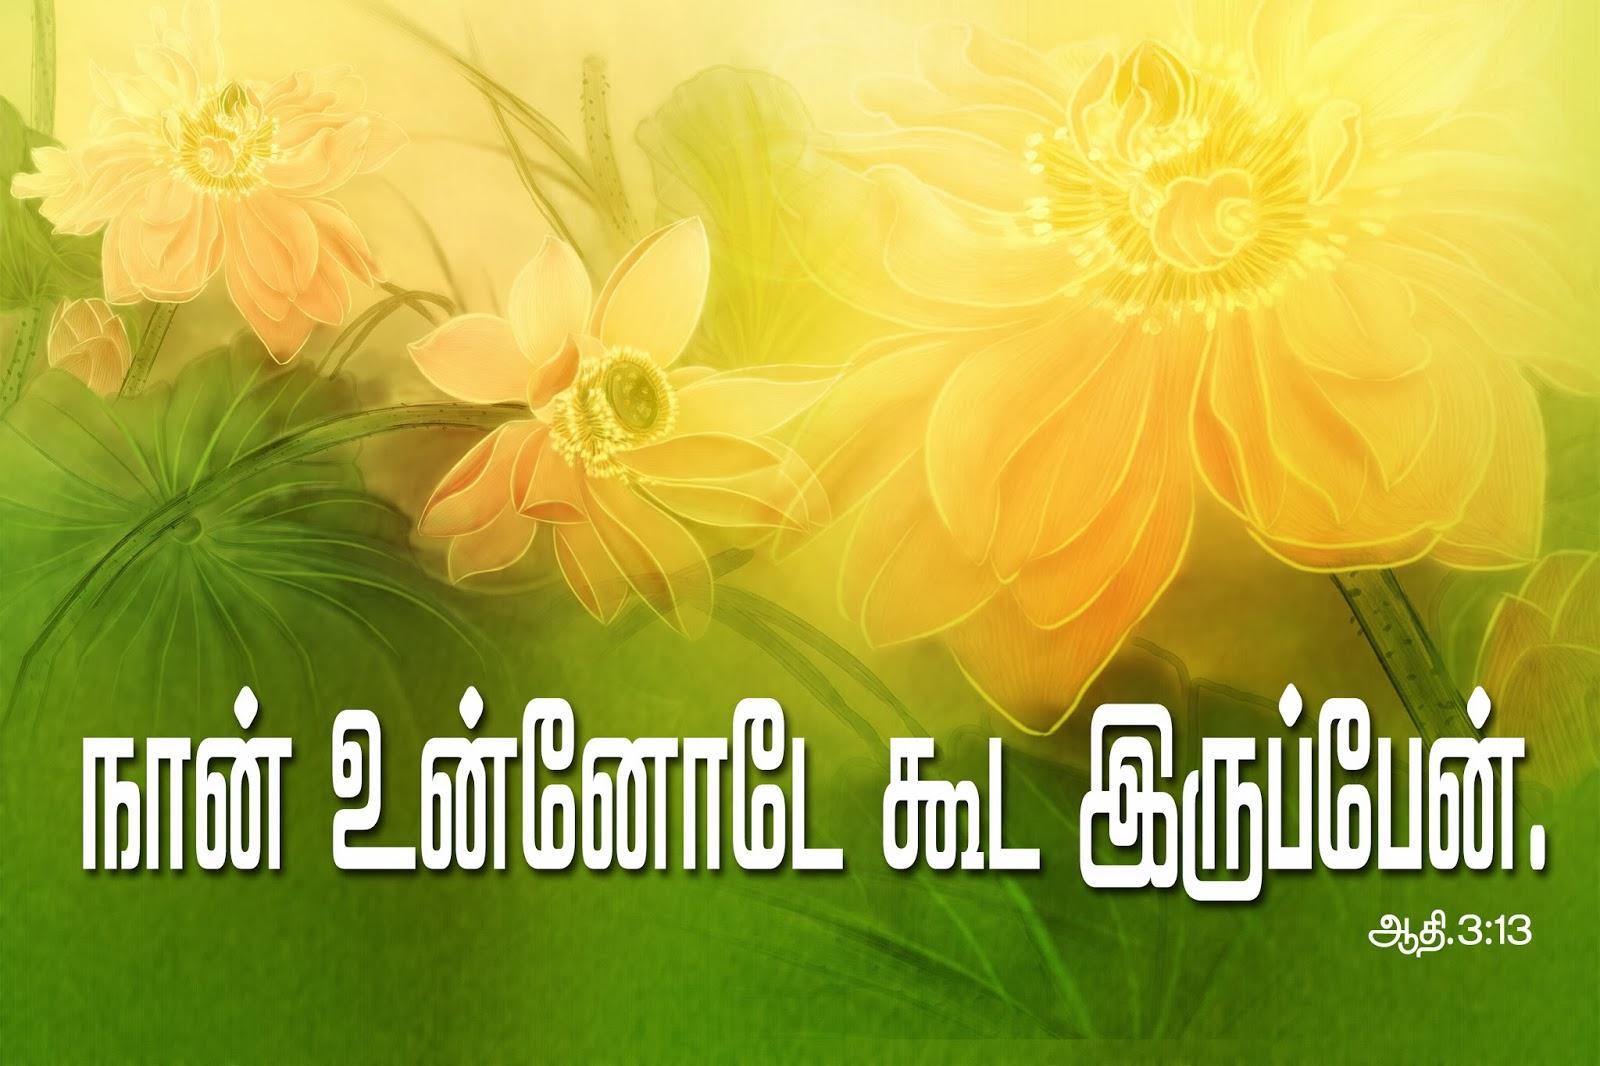 7 words of jesus on the cross in tamil pdf